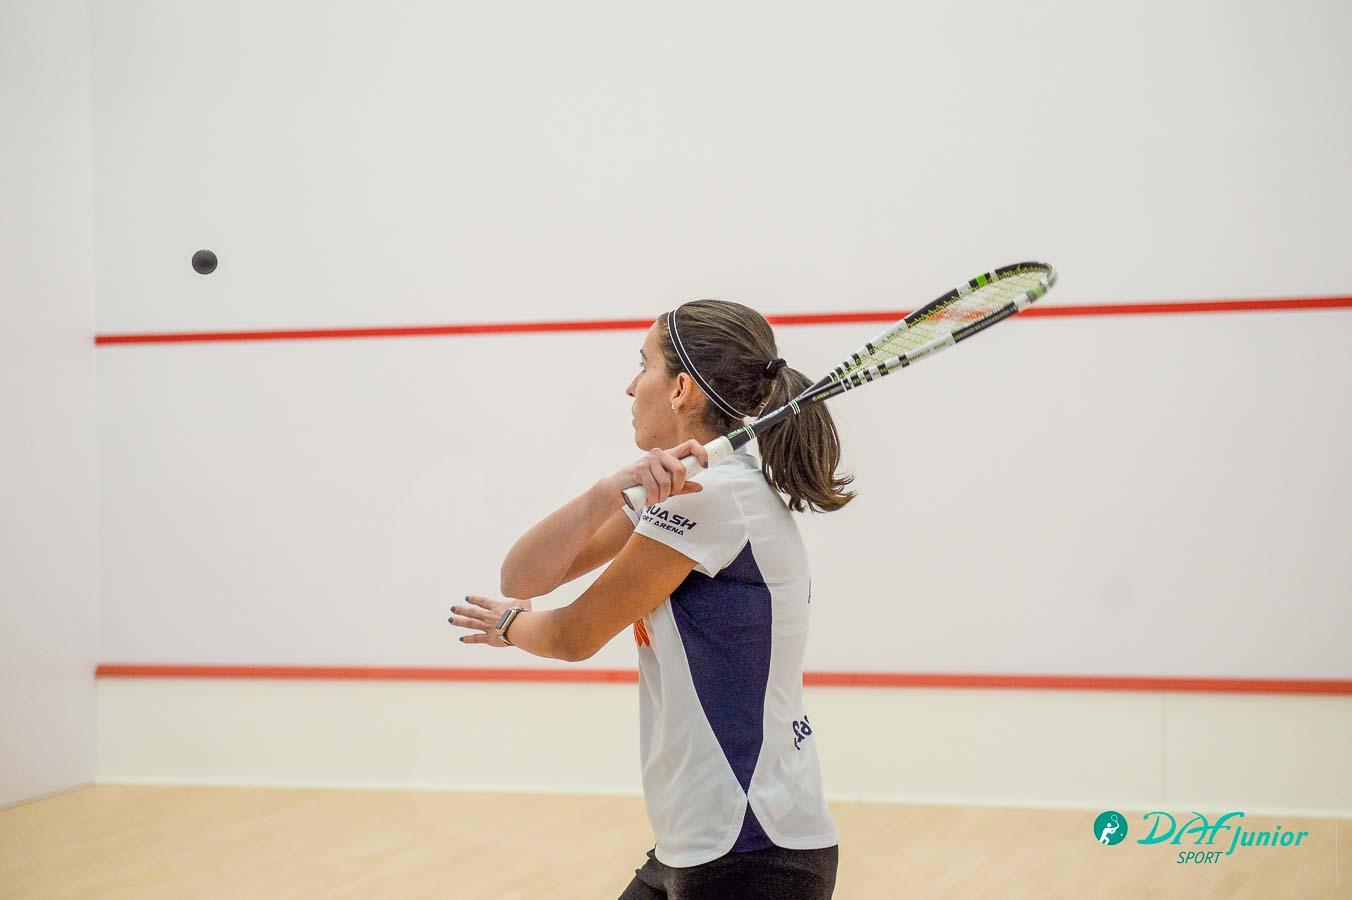 daf-sport-gallery-17